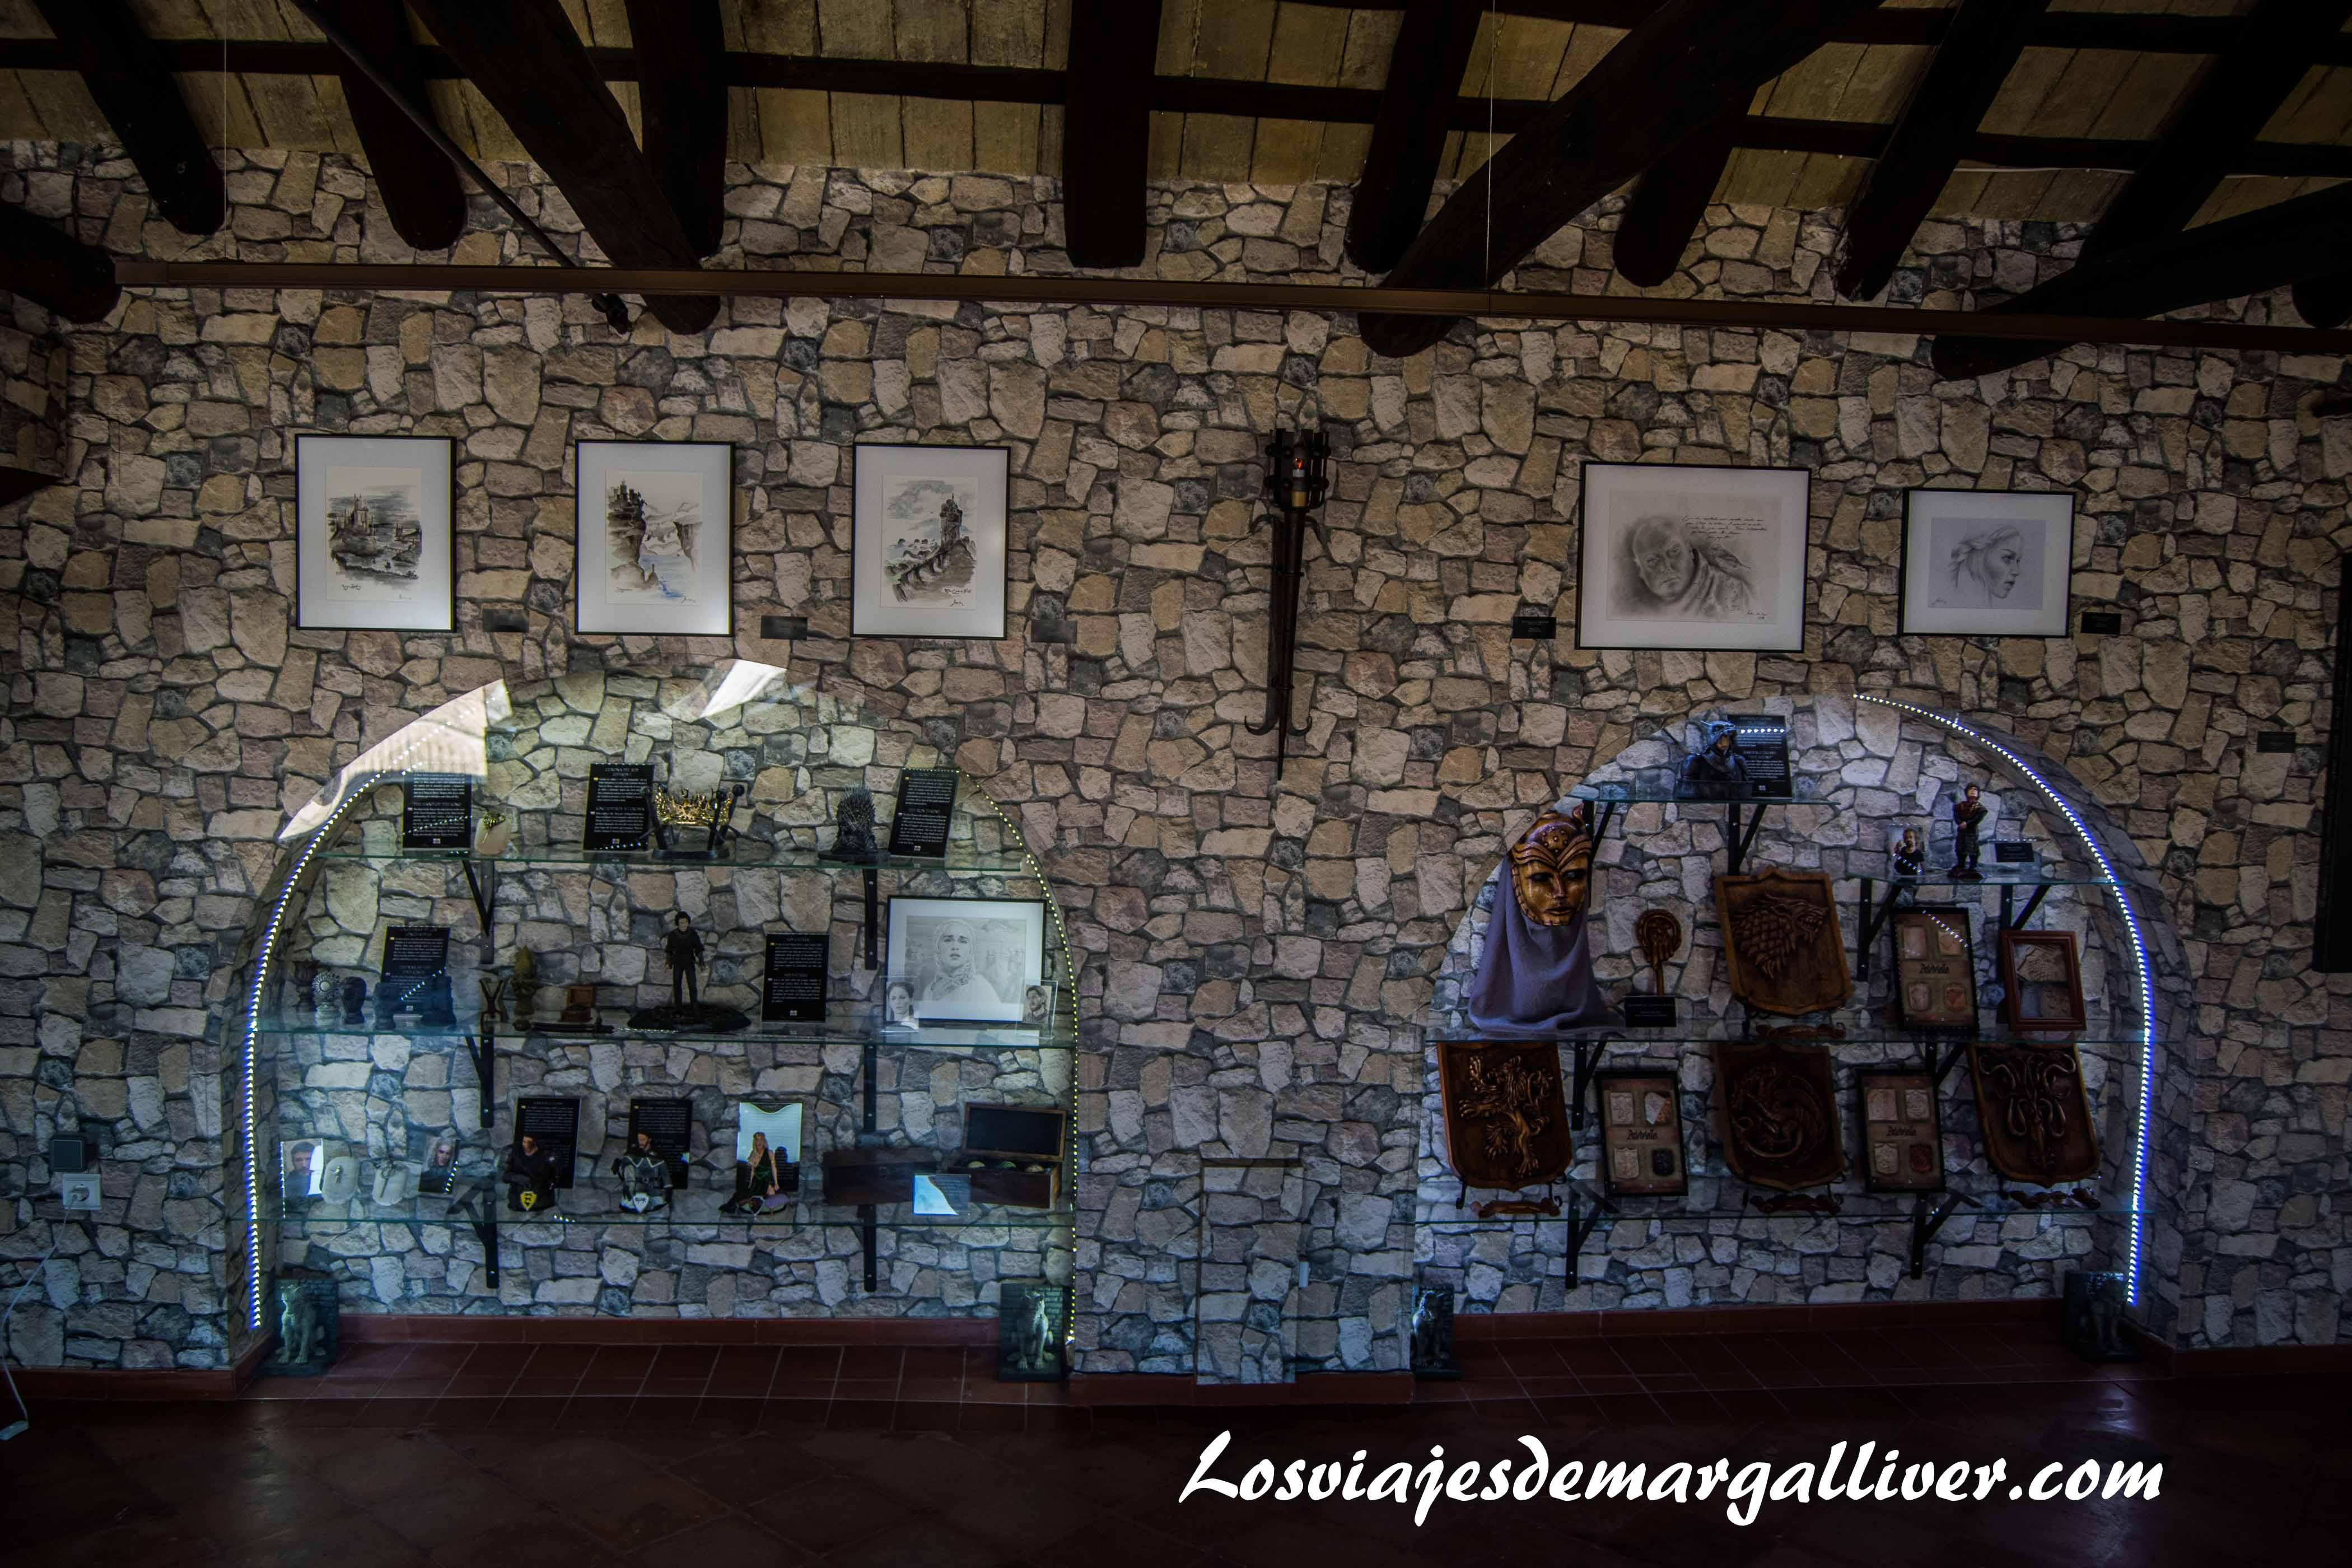 Museo de Juego de Tronos de Osuna , en la ruta de juego de tronos - Los viajes de Margalliver